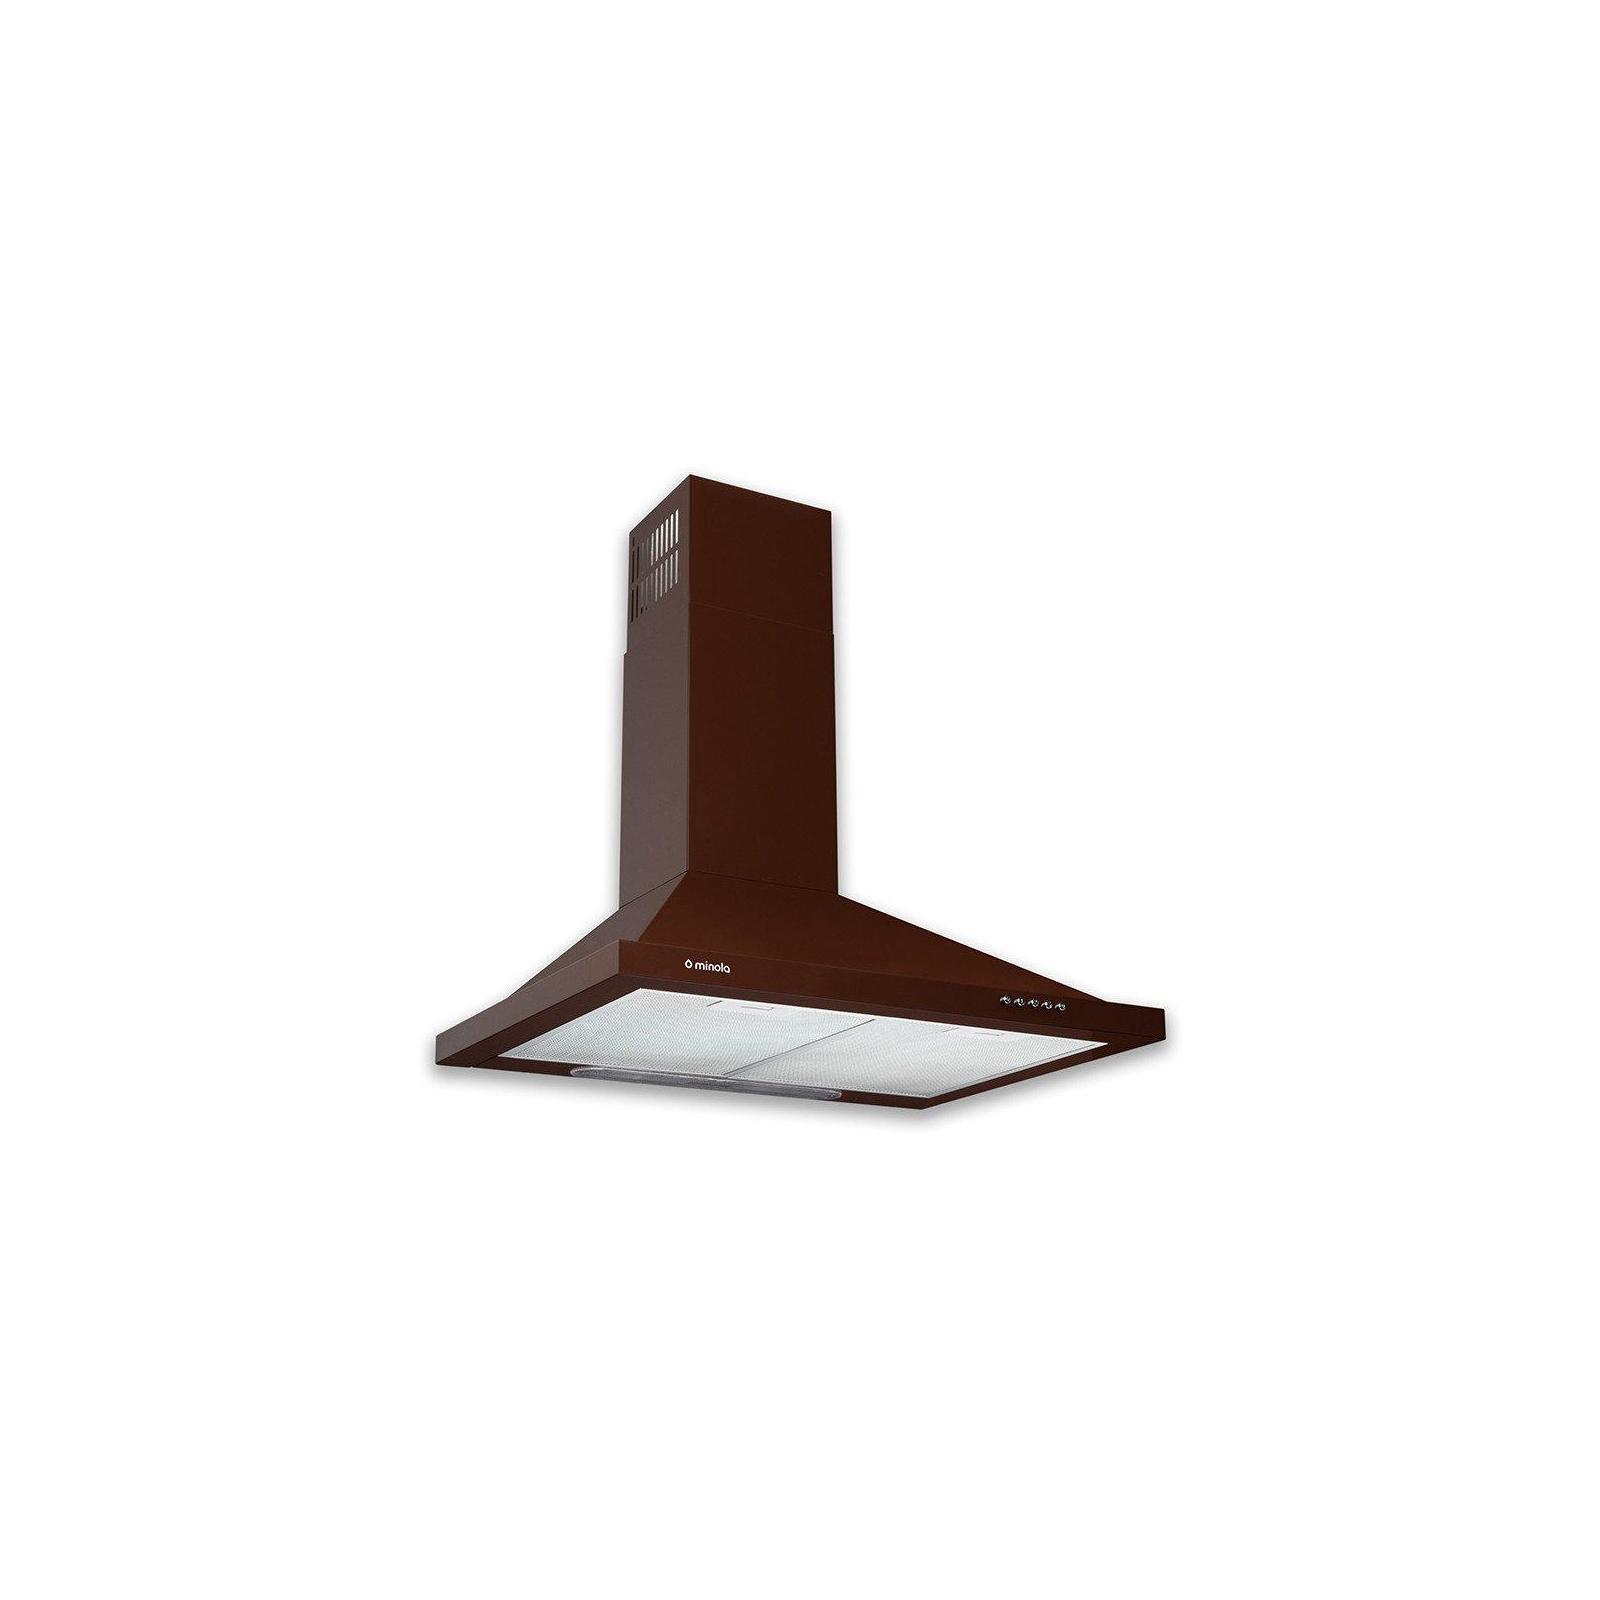 Вытяжка кухонная MINOLA HK 5210 BR 650